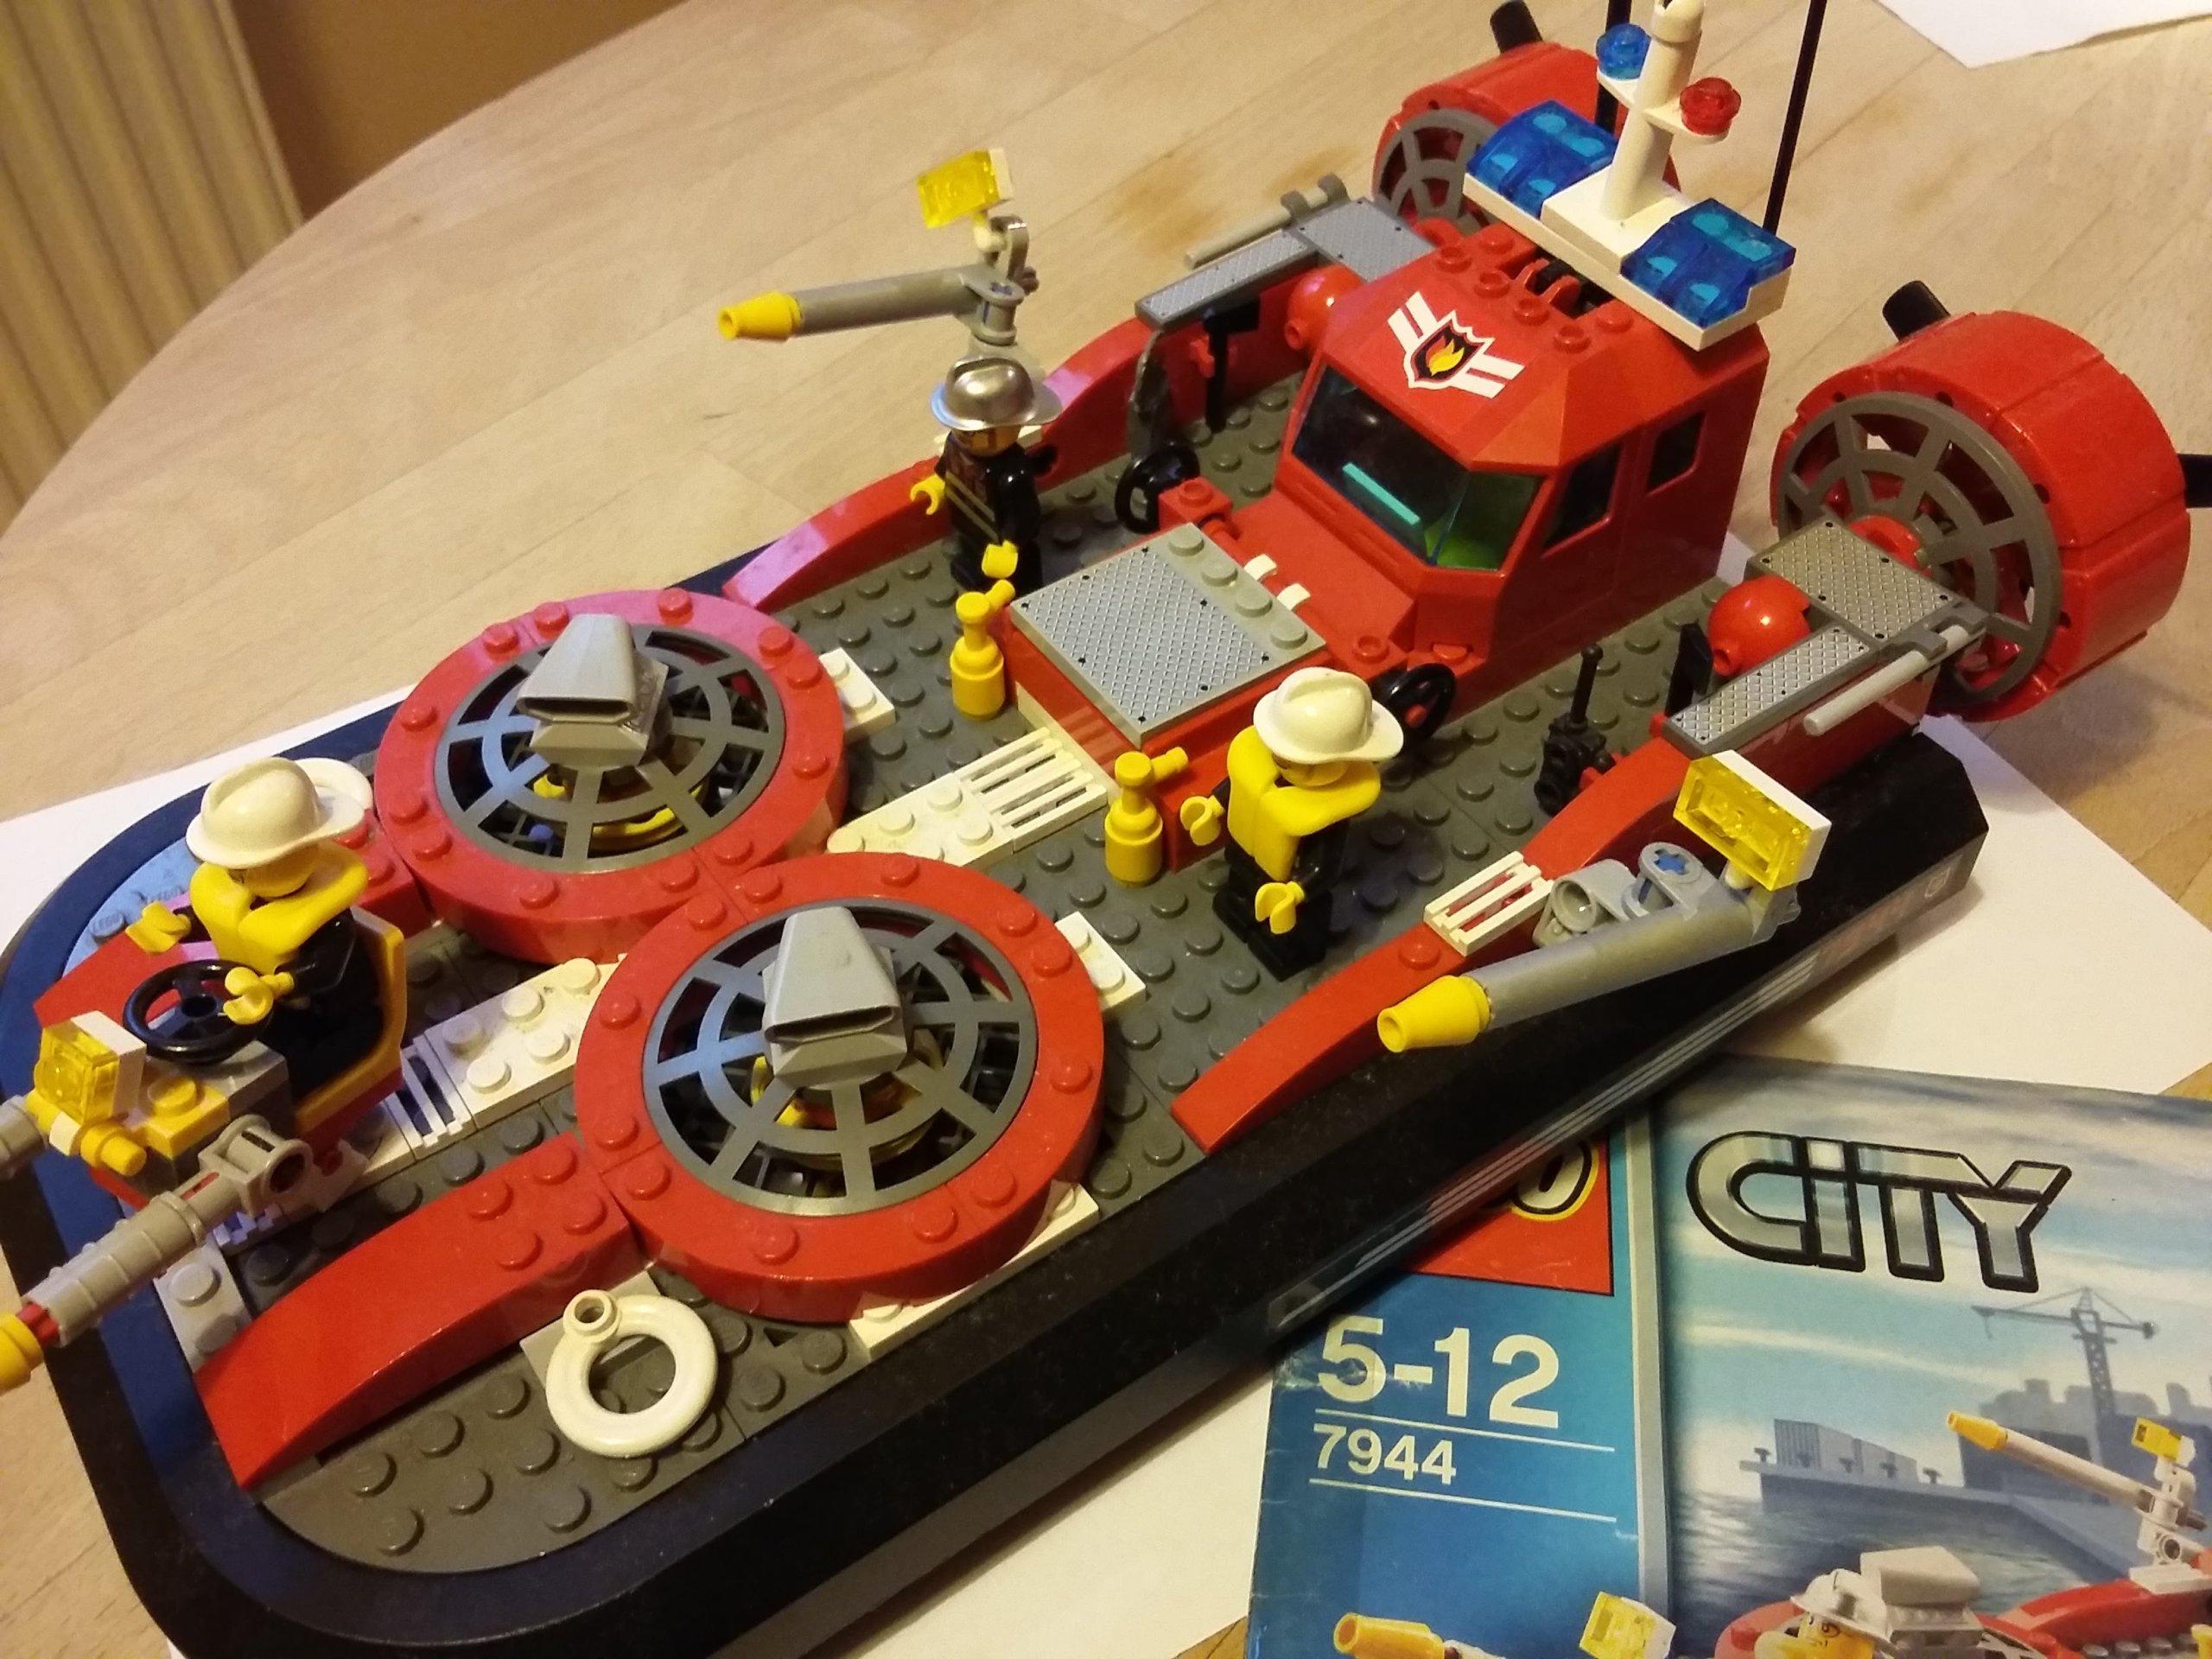 Lego City 7944 Poduszkowiec Straż Pożarna 7049614659 Oficjalne